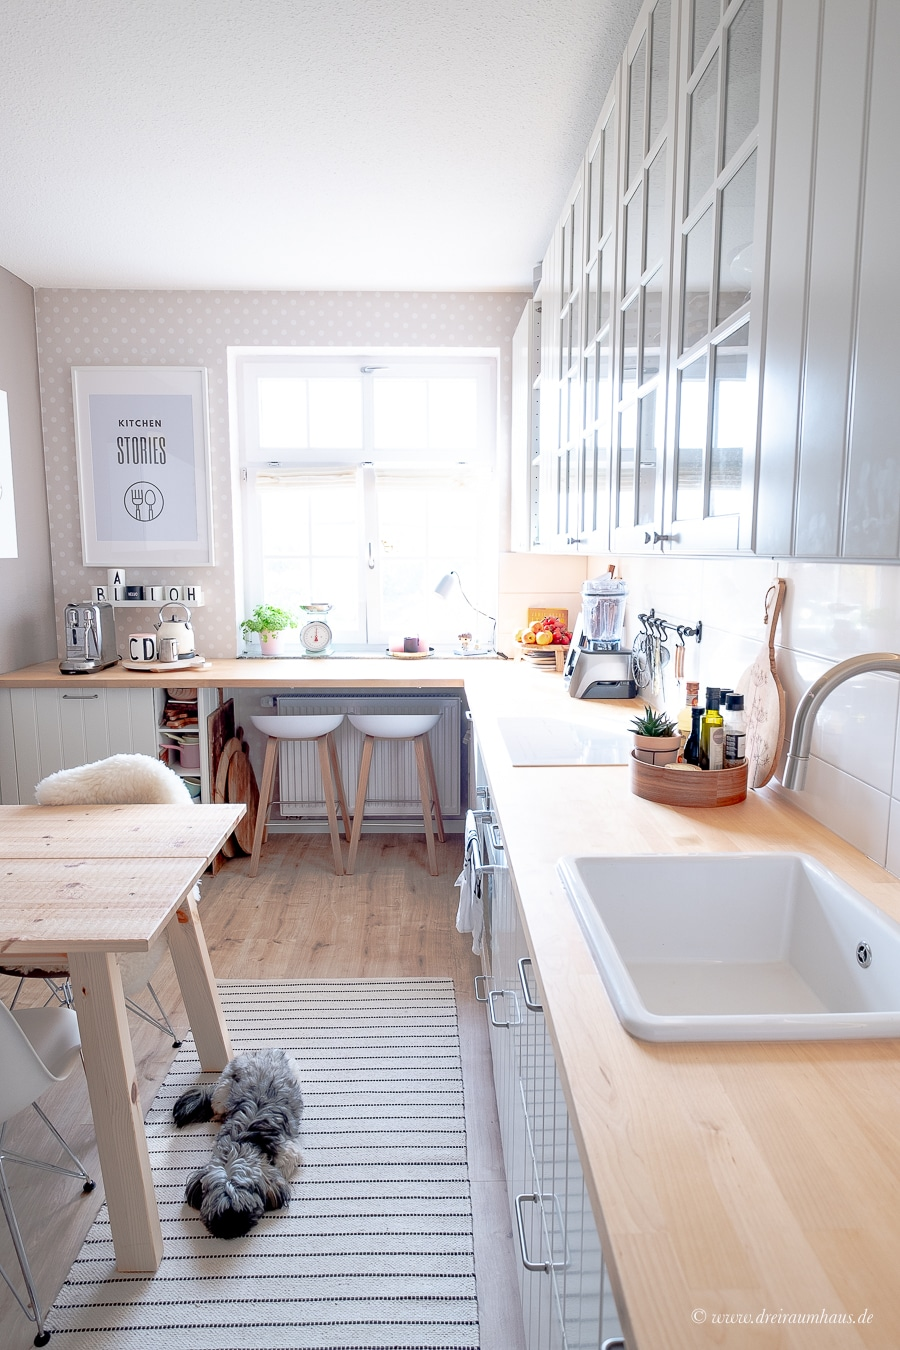 Full Size of Landhausküche Ikea Wie Organisiere Ich Meinen Khlschrank Richtig Comfortspin Von Weiß Moderne Weisse Küche Kosten Betten 160x200 Modulküche Kaufen Wohnzimmer Landhausküche Ikea